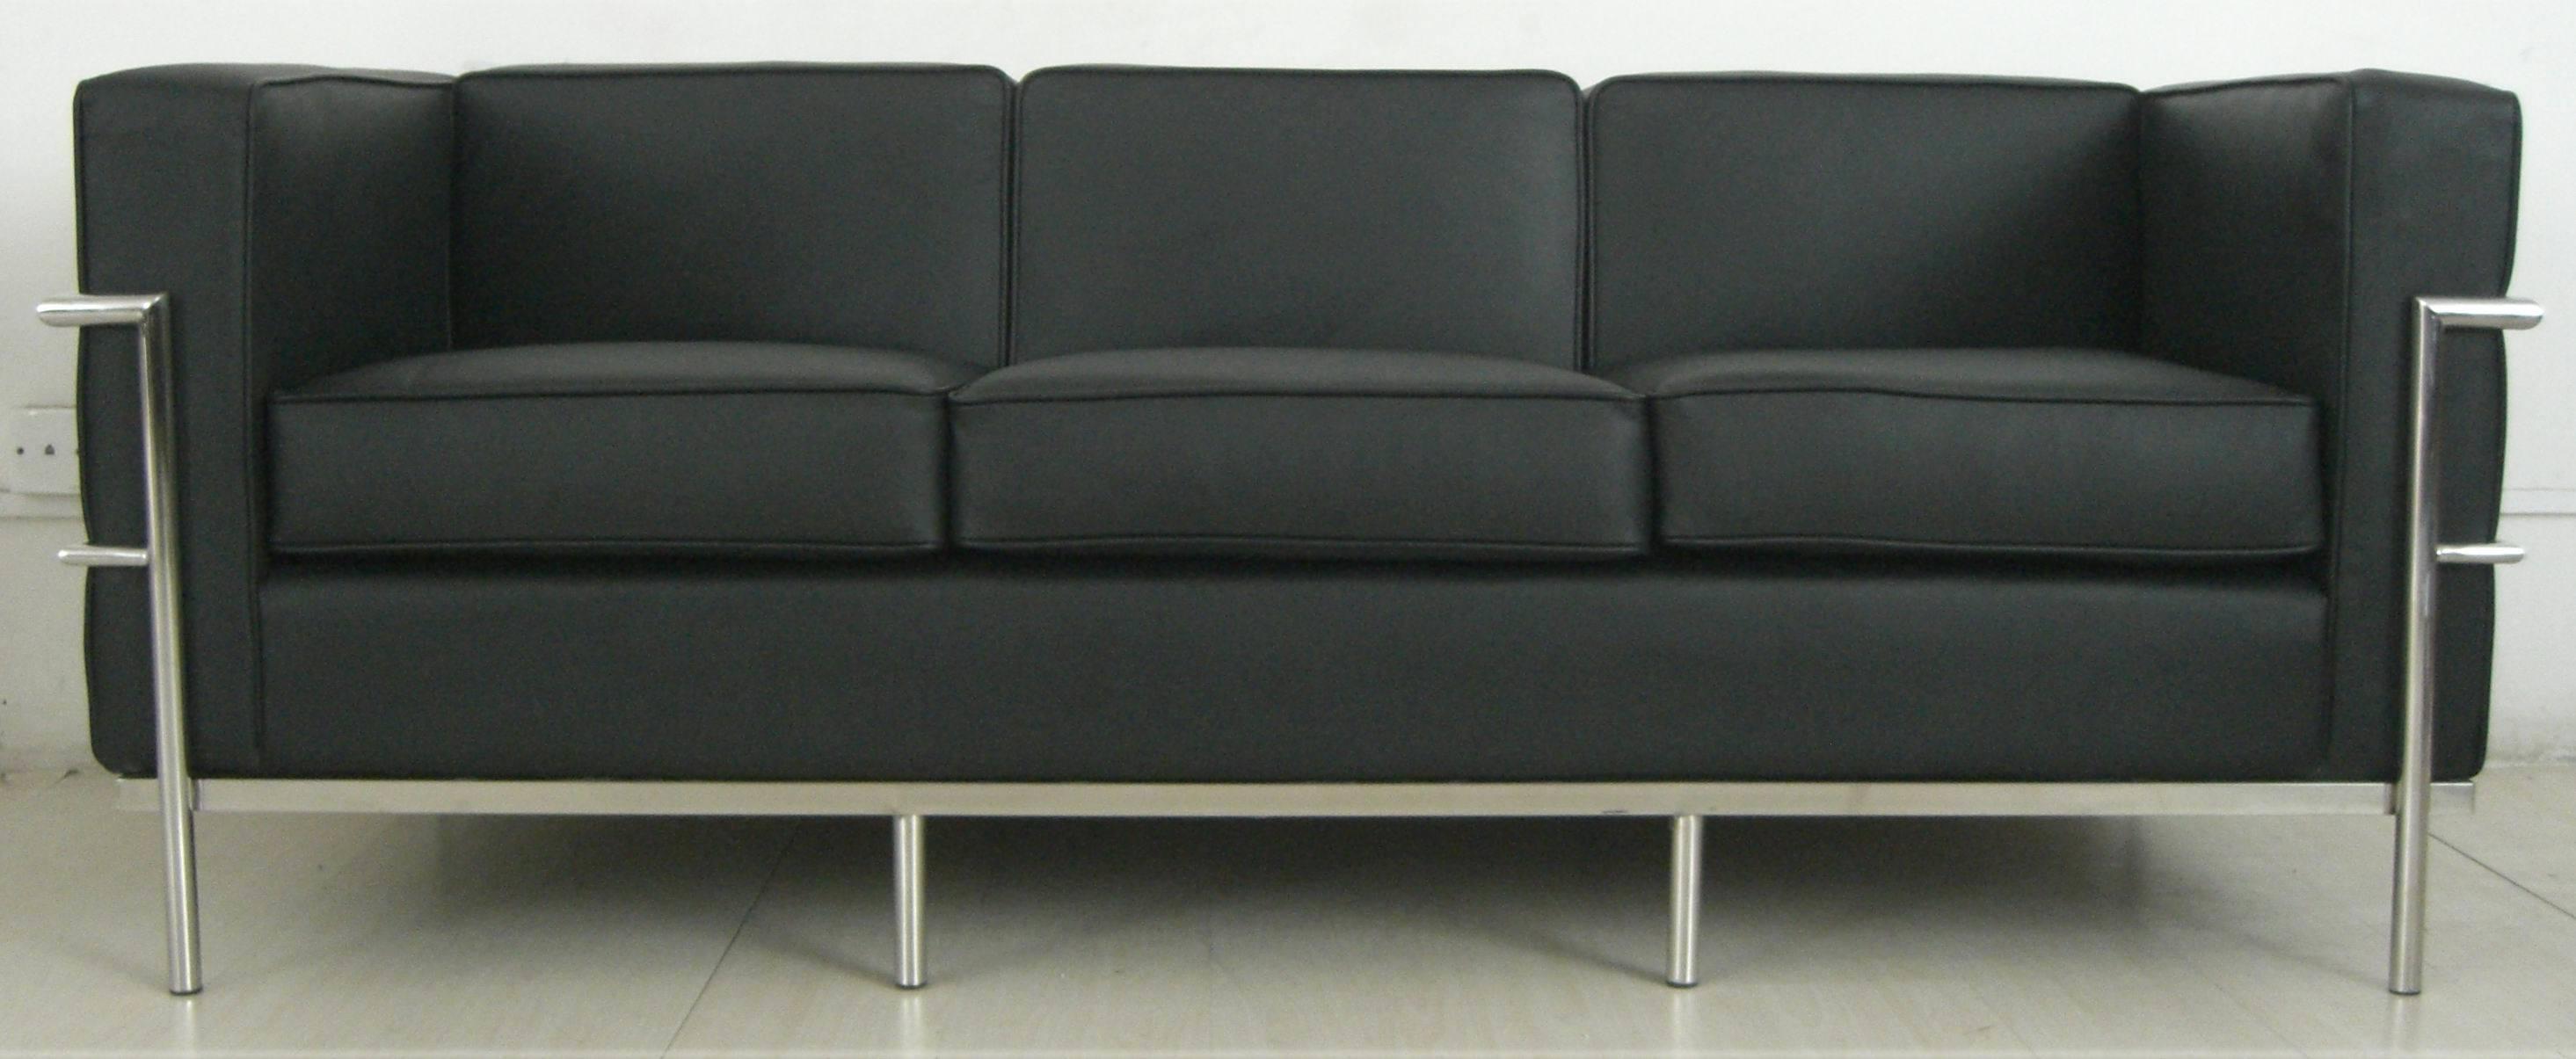 Sofa en cuir sofa lc2 de le corbusier sofa en cuir for Le corbusier sofa nachbau